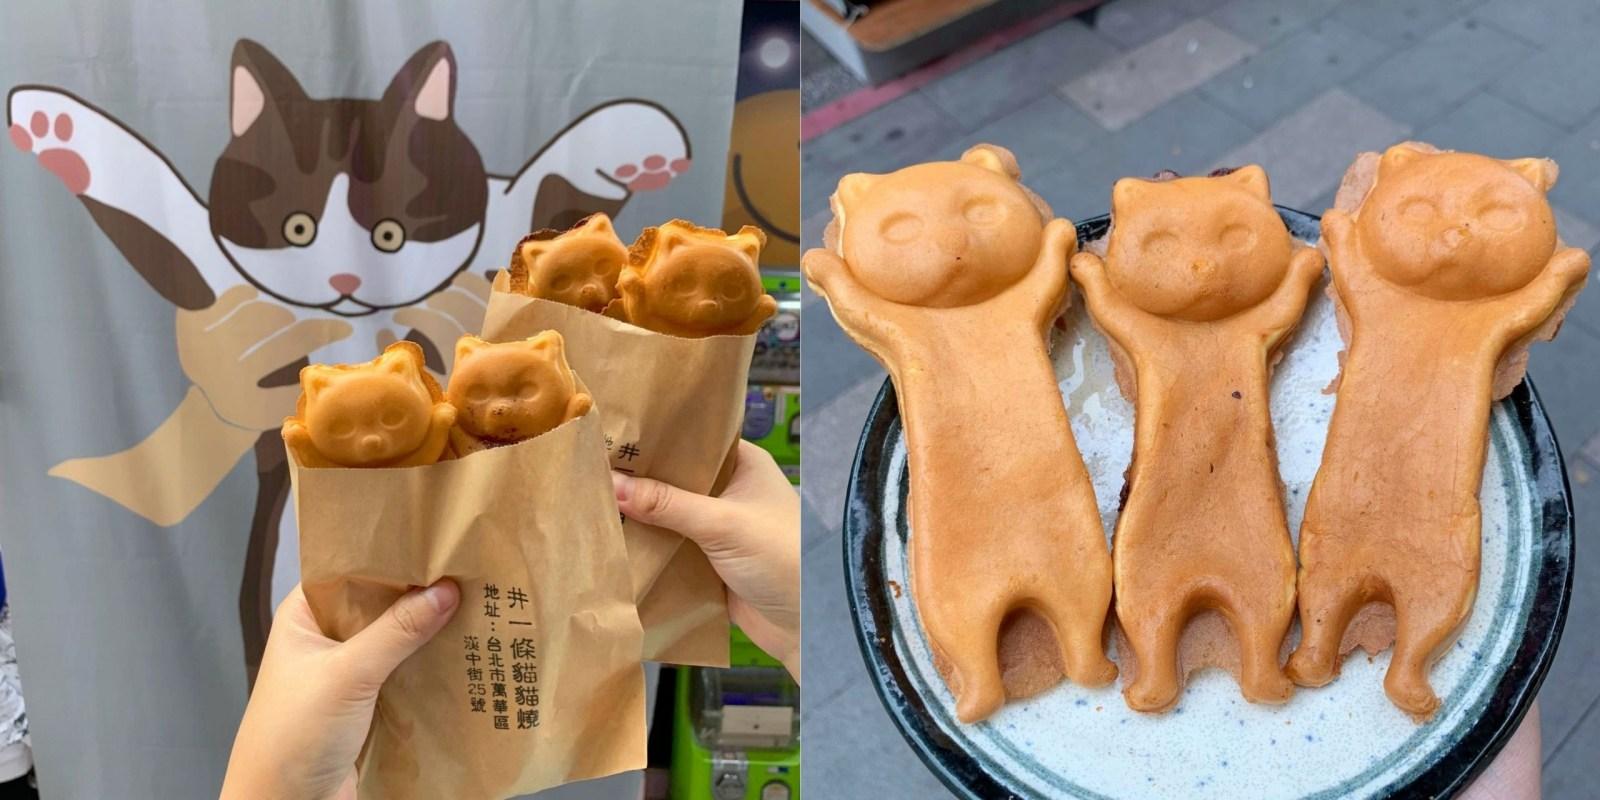 [台北美食] 井一條貓貓燒 - 超級萌!可愛貓咪雞蛋糕就在西門町